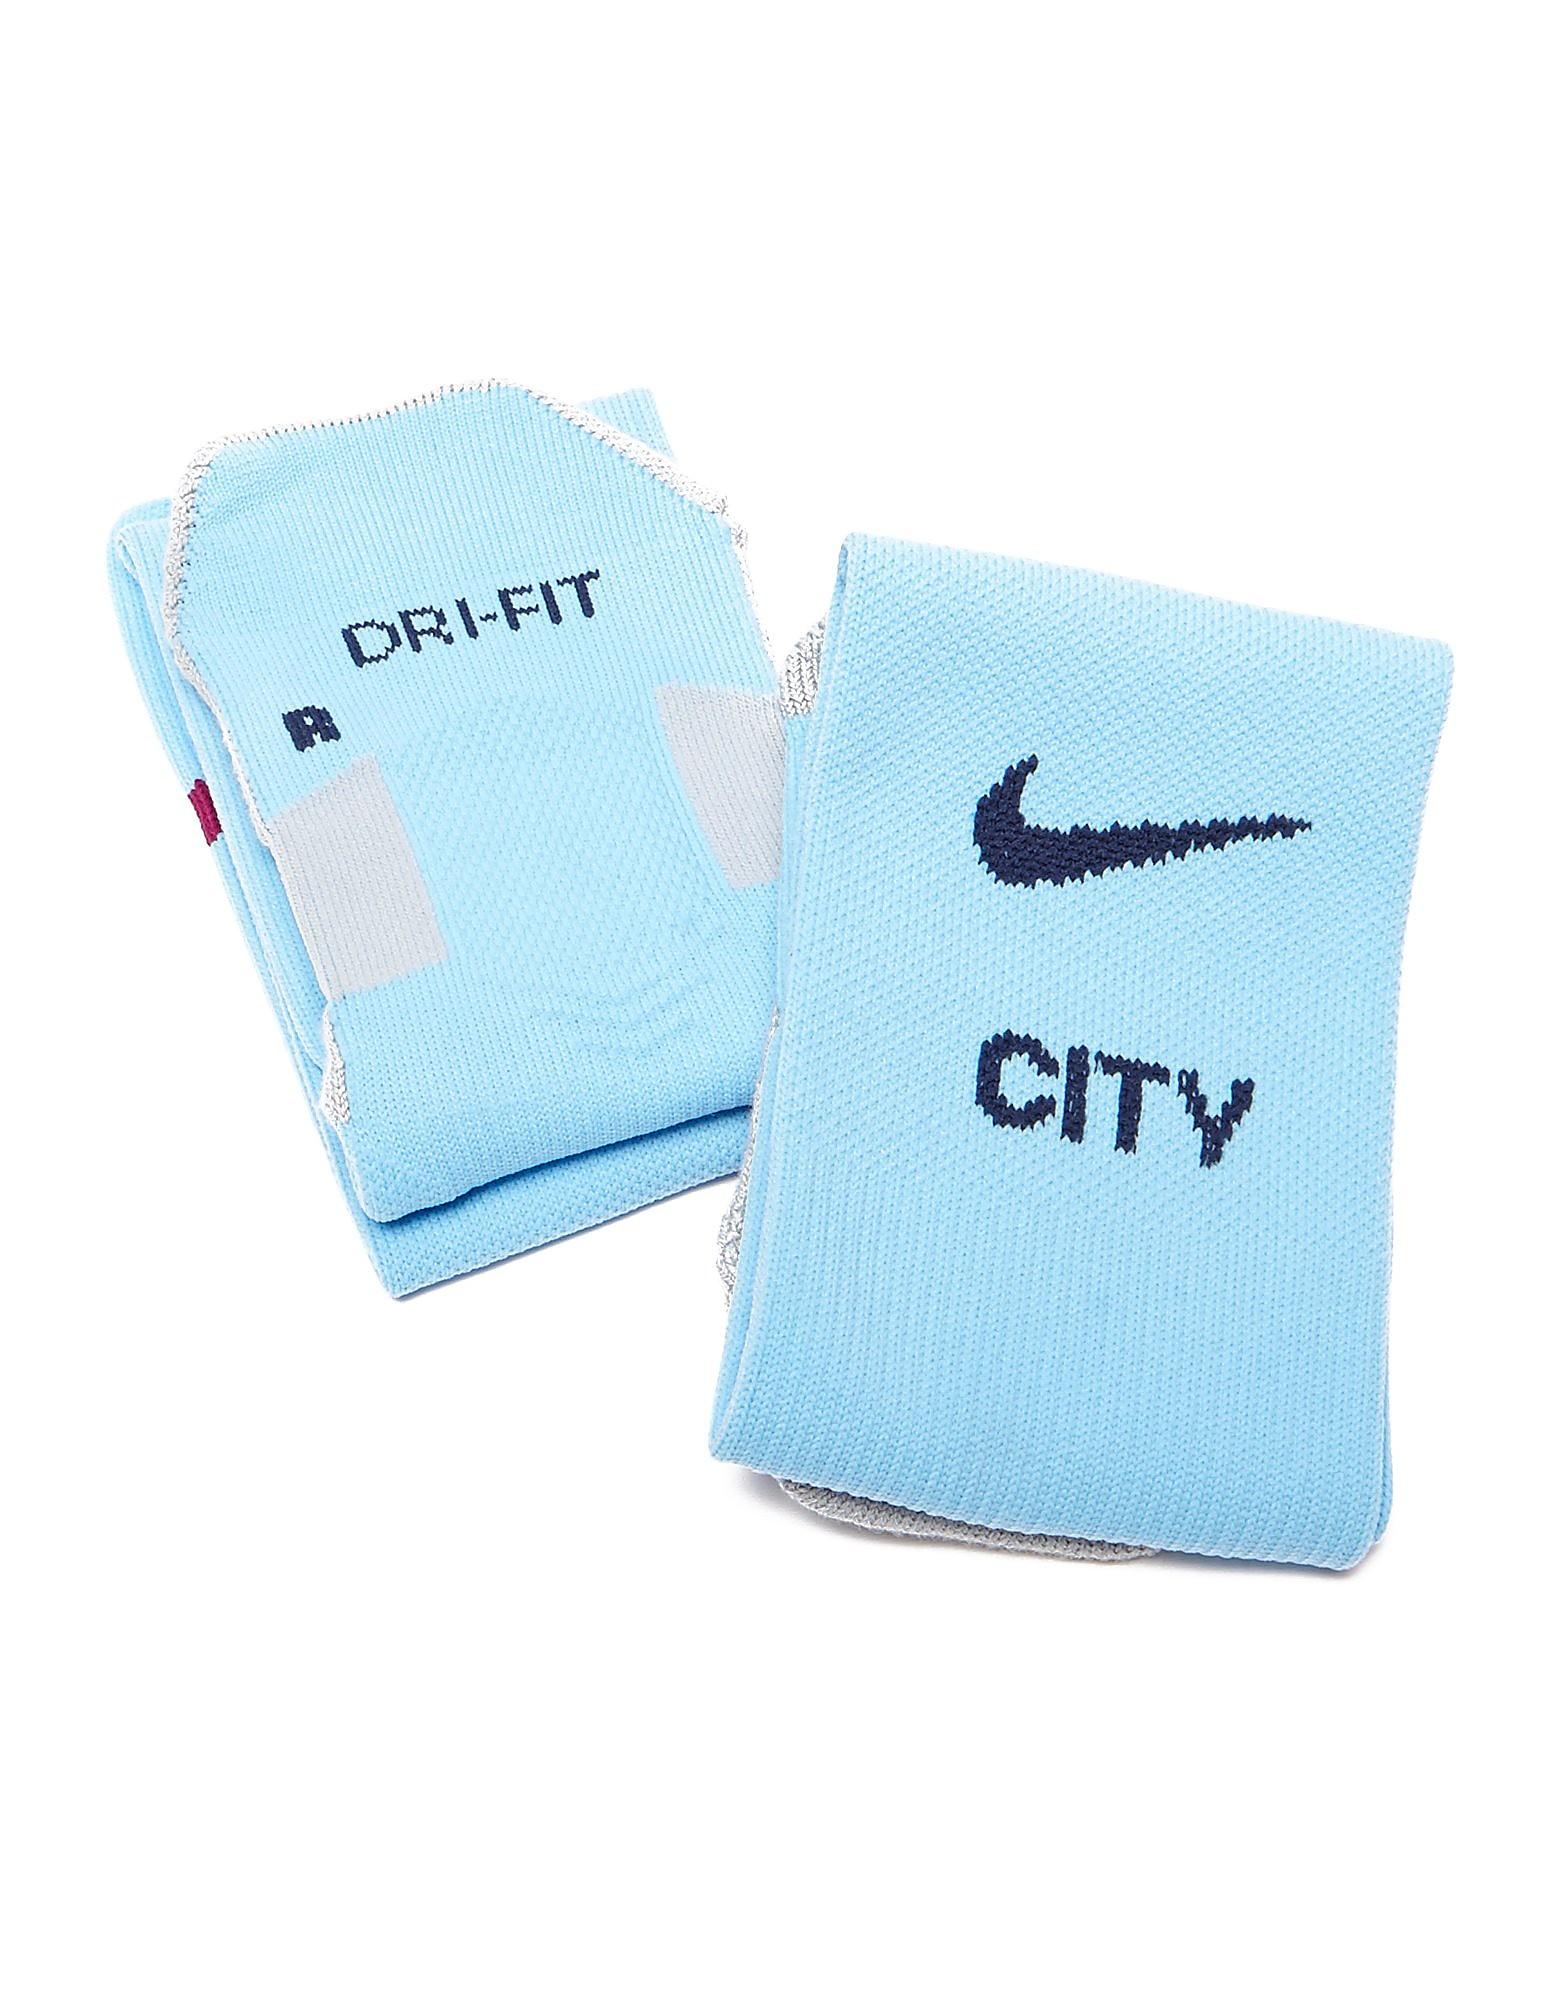 Nike Manchester City 2017/18 Home Socks Jnr PRE ORDER